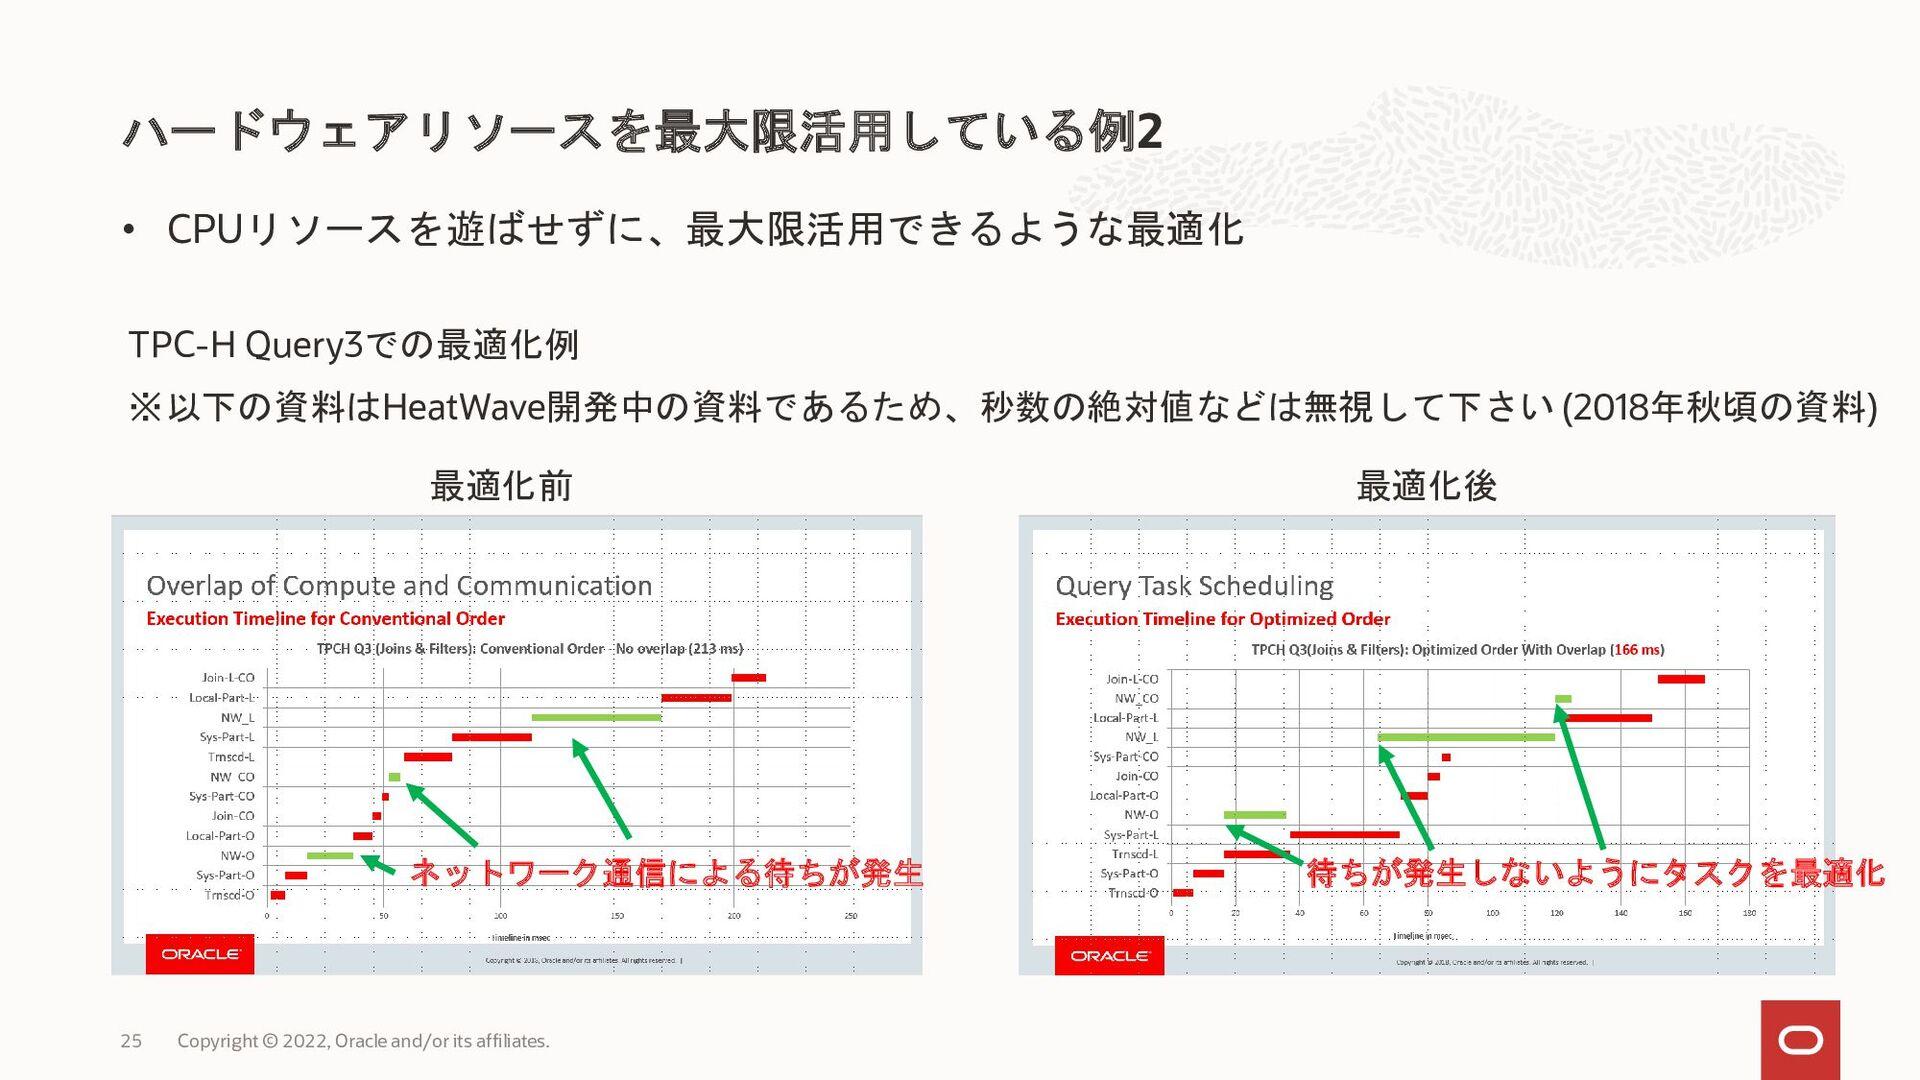 HeatWaveによる分析処理の大幅な性能向上 400G, 64 cores 1,700.39...